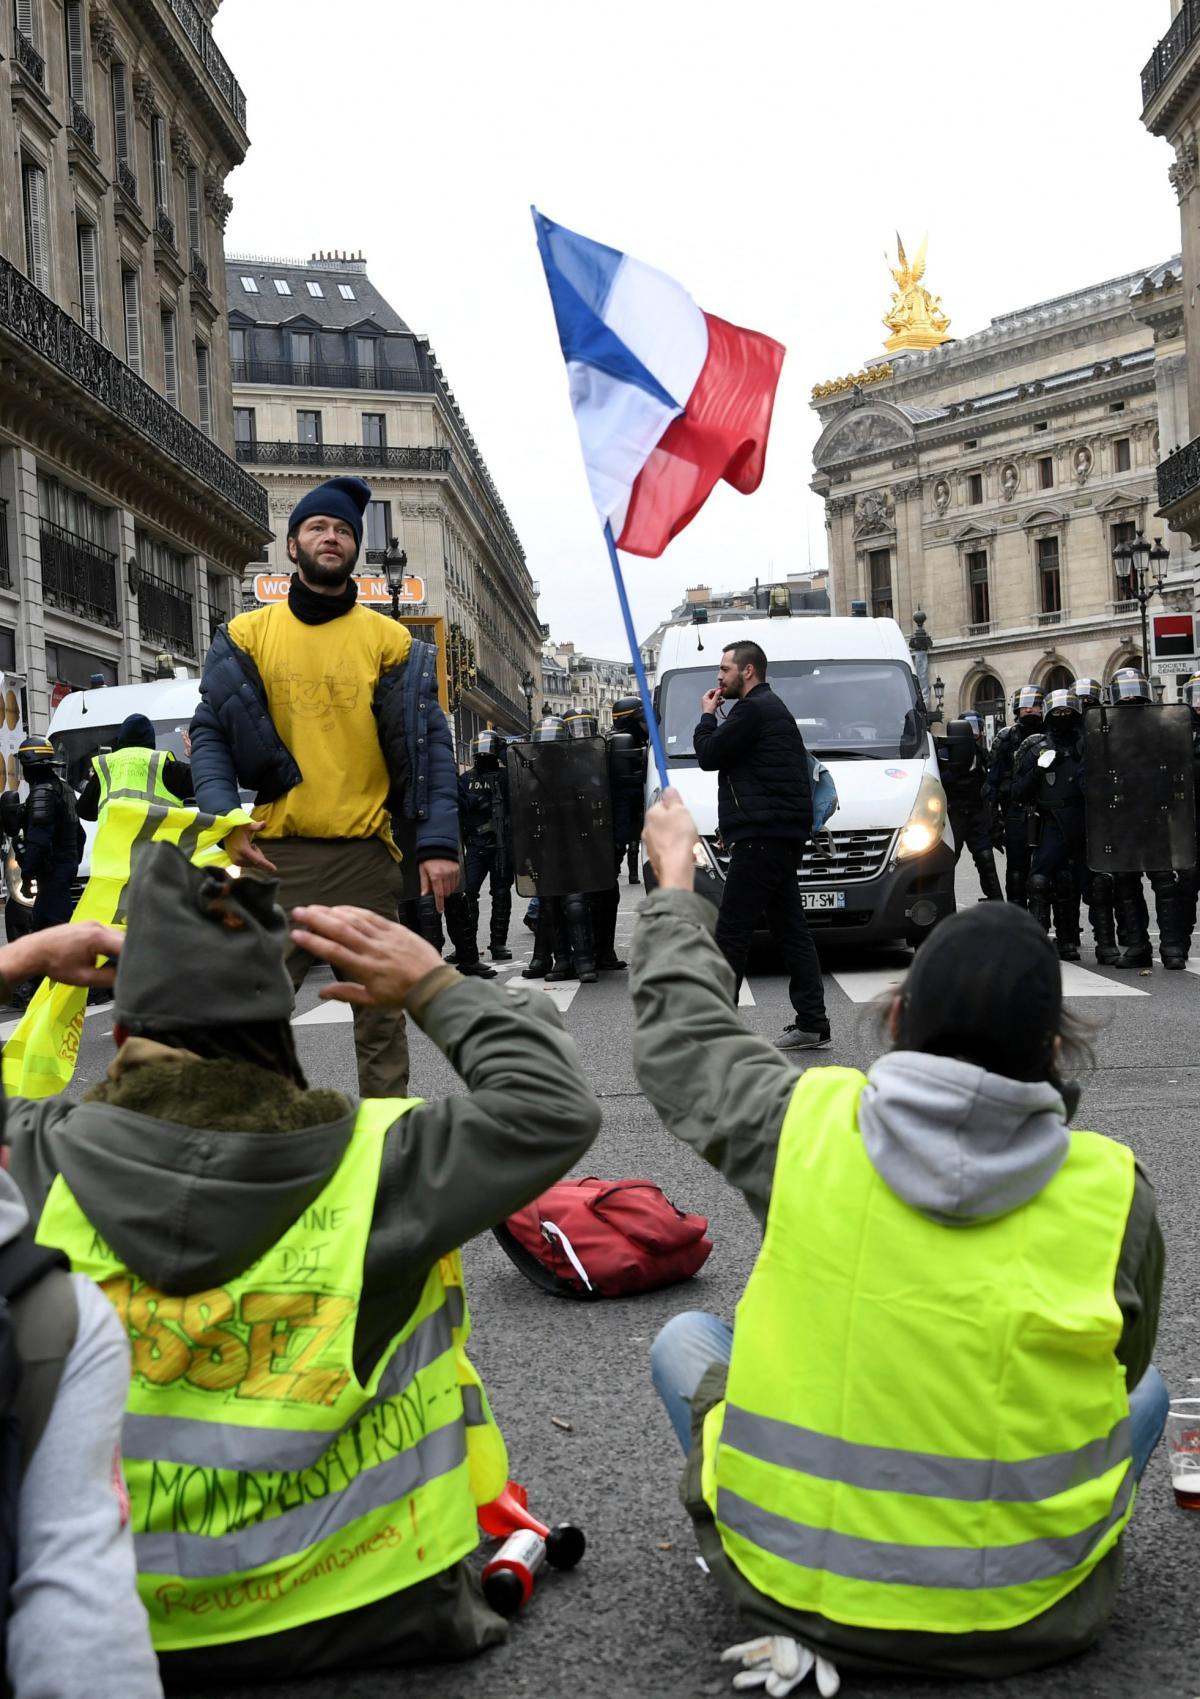 Российские тролли начали дезинформационную кампанию в соцсетях на фоне протестов во Франции / REUTERS